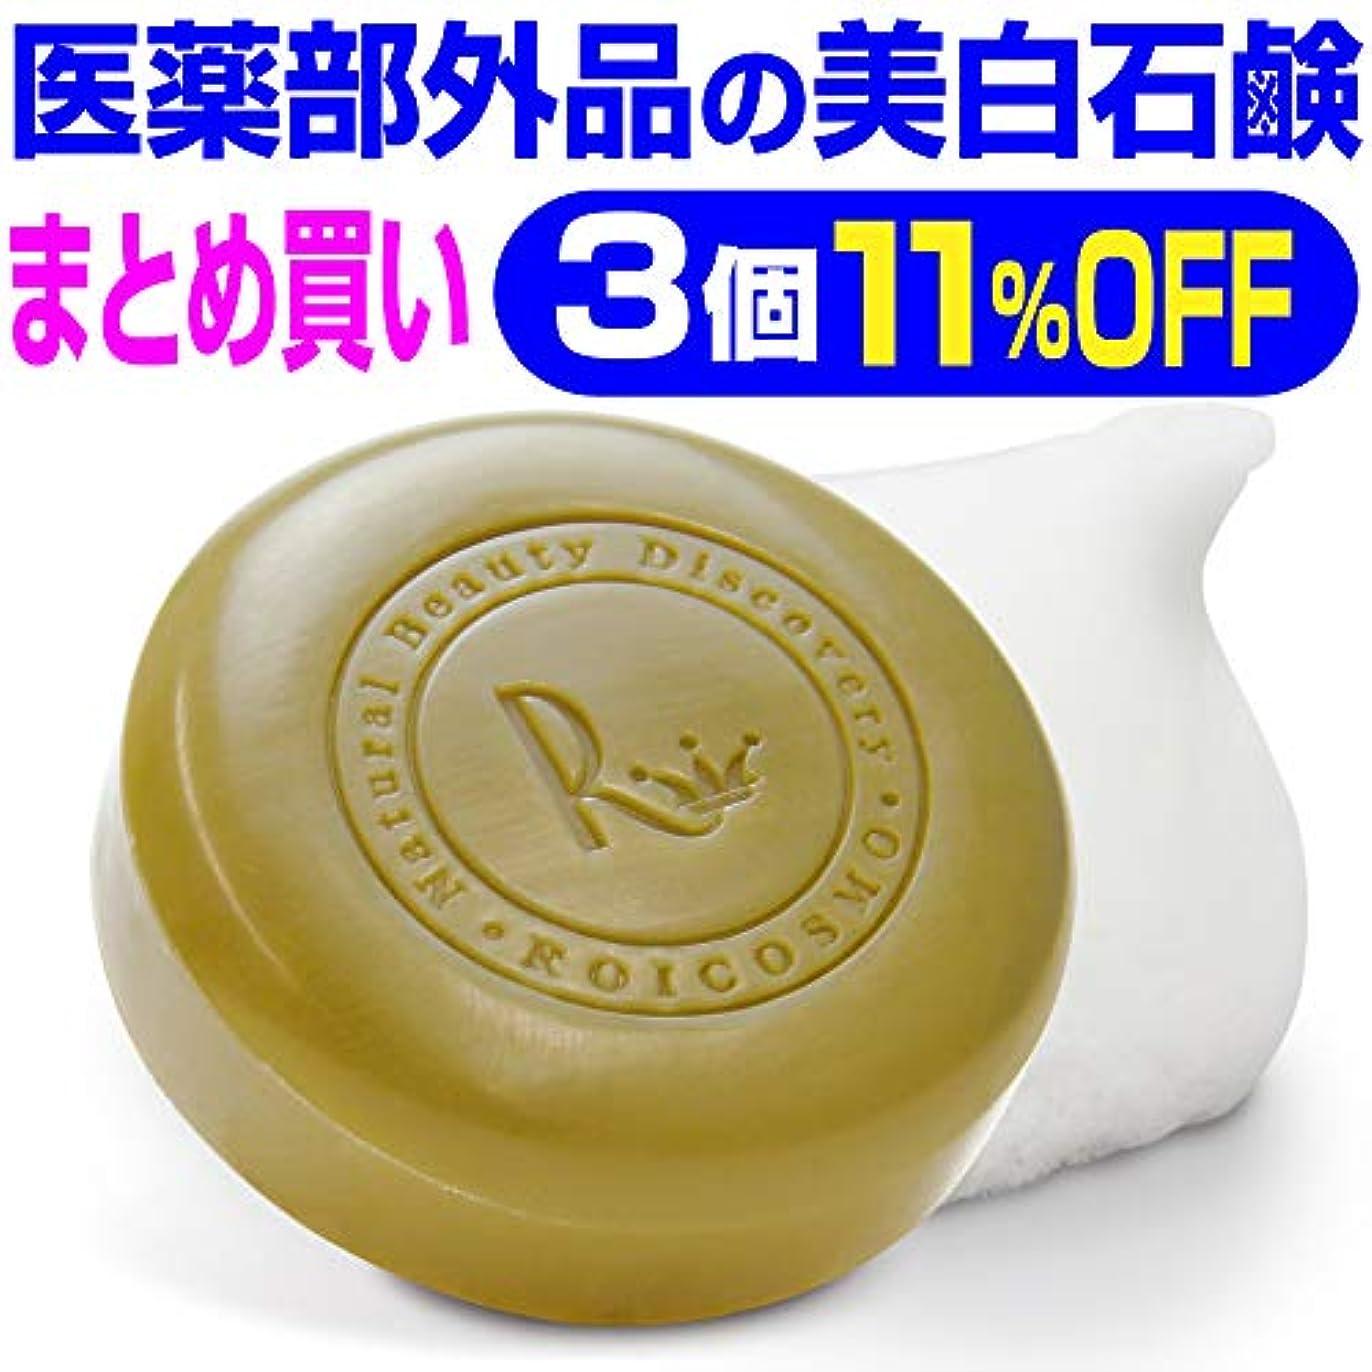 繁栄する絶え間ない一次3個まとめ買い11%OFF 美白石鹸/ビタミンC270倍の美白成分配合の 洗顔石鹸『ホワイトソープ100g×3個』